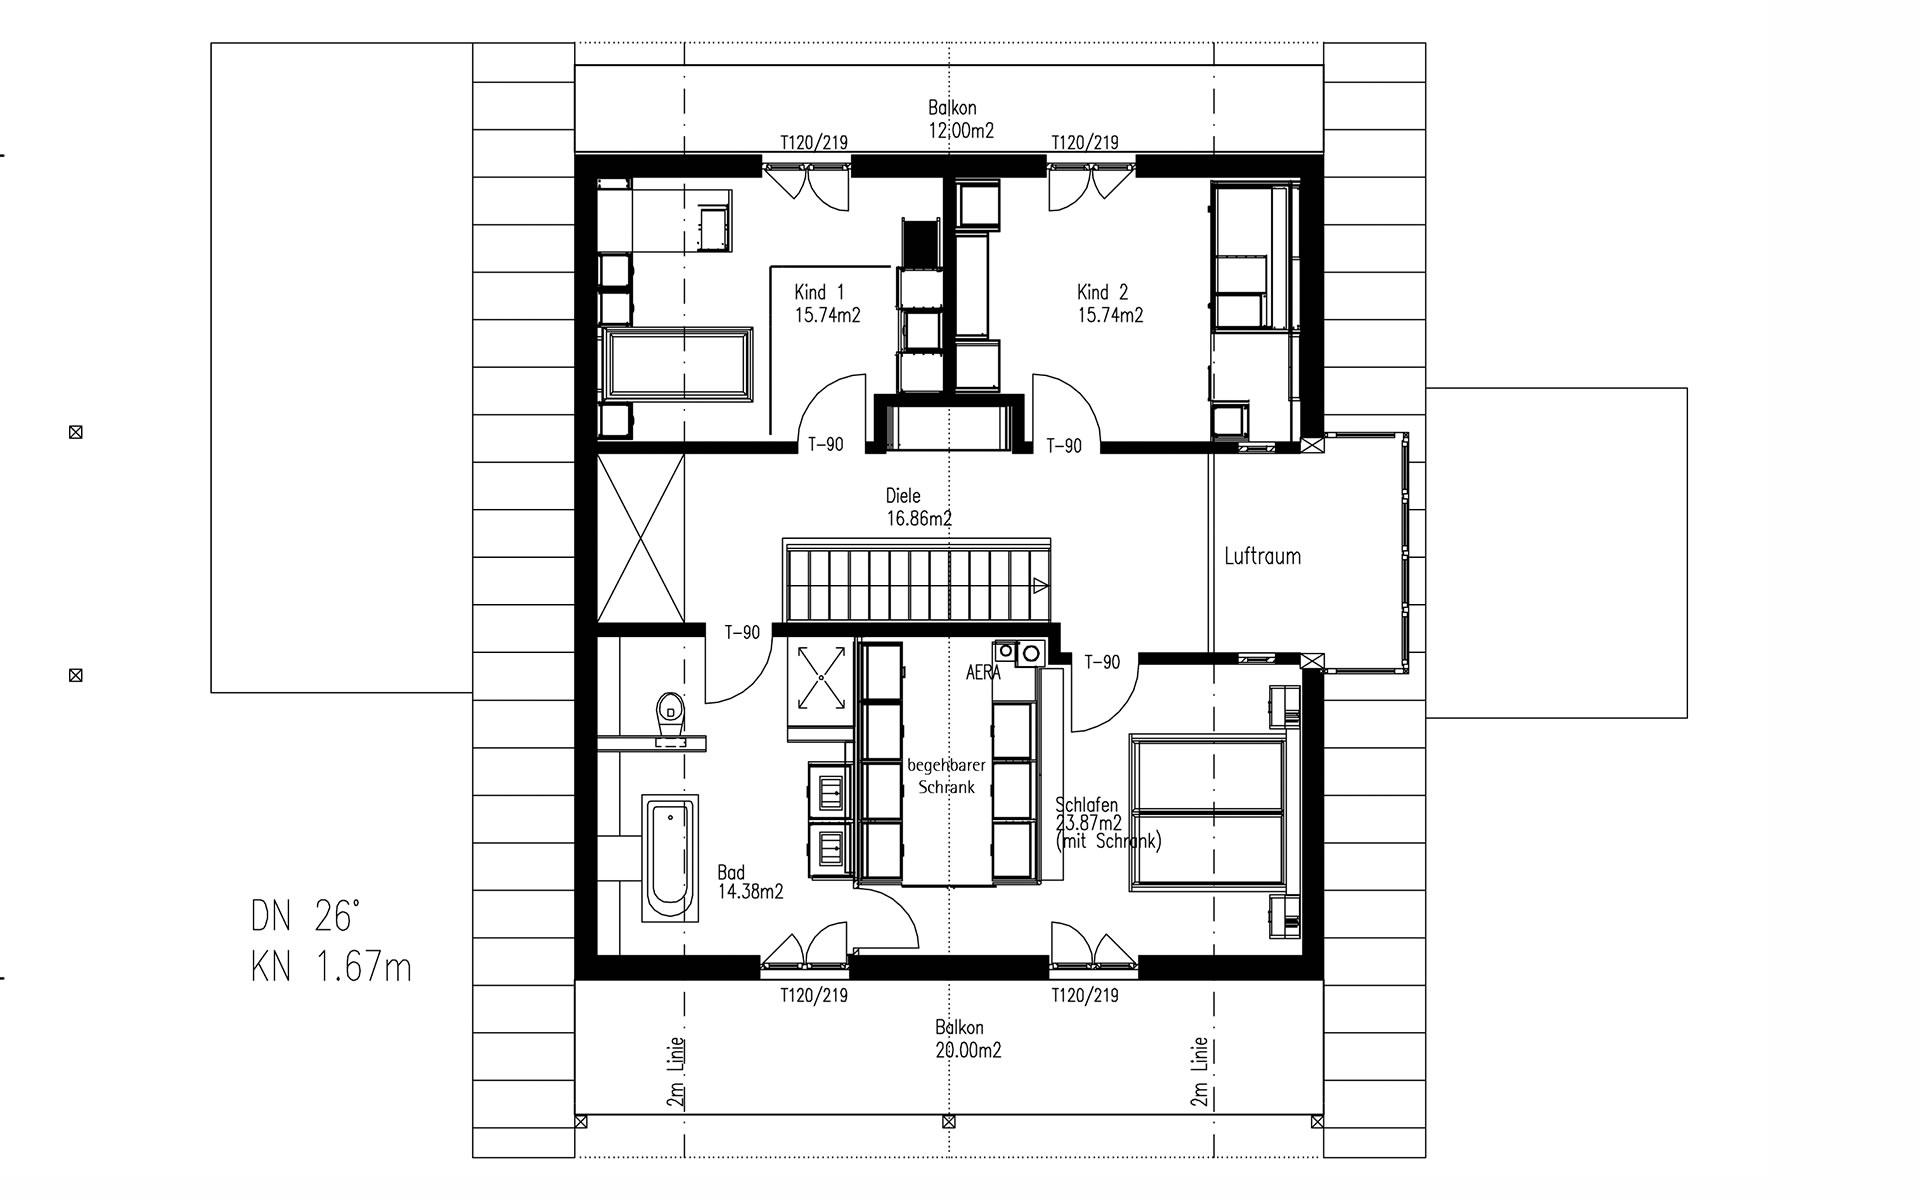 Dachgeschoss Rosenheim von Sonnleitner Holzbauwerke GmbH & Co. KG